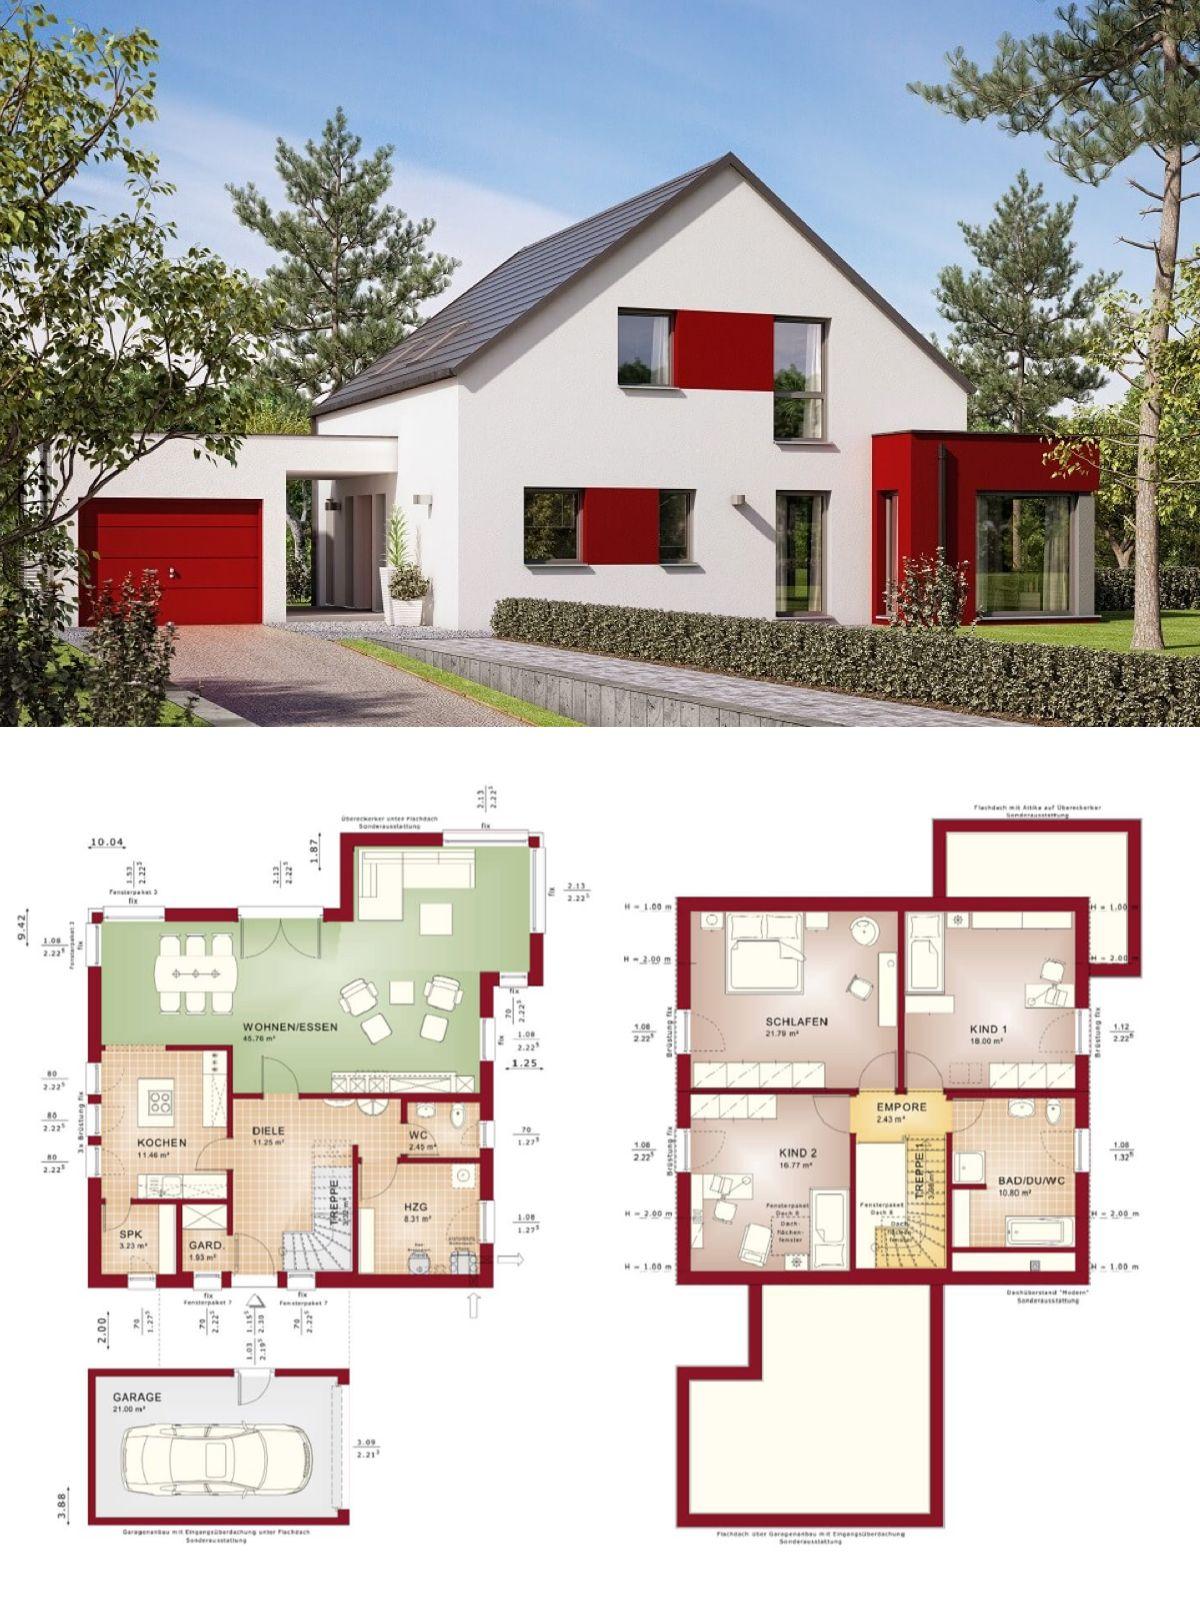 Einfamilienhaus Mit Garage Und Satteldach   Haus Grundriss Evolution 154 V6  Bien Zenker Fertighaus Ideen